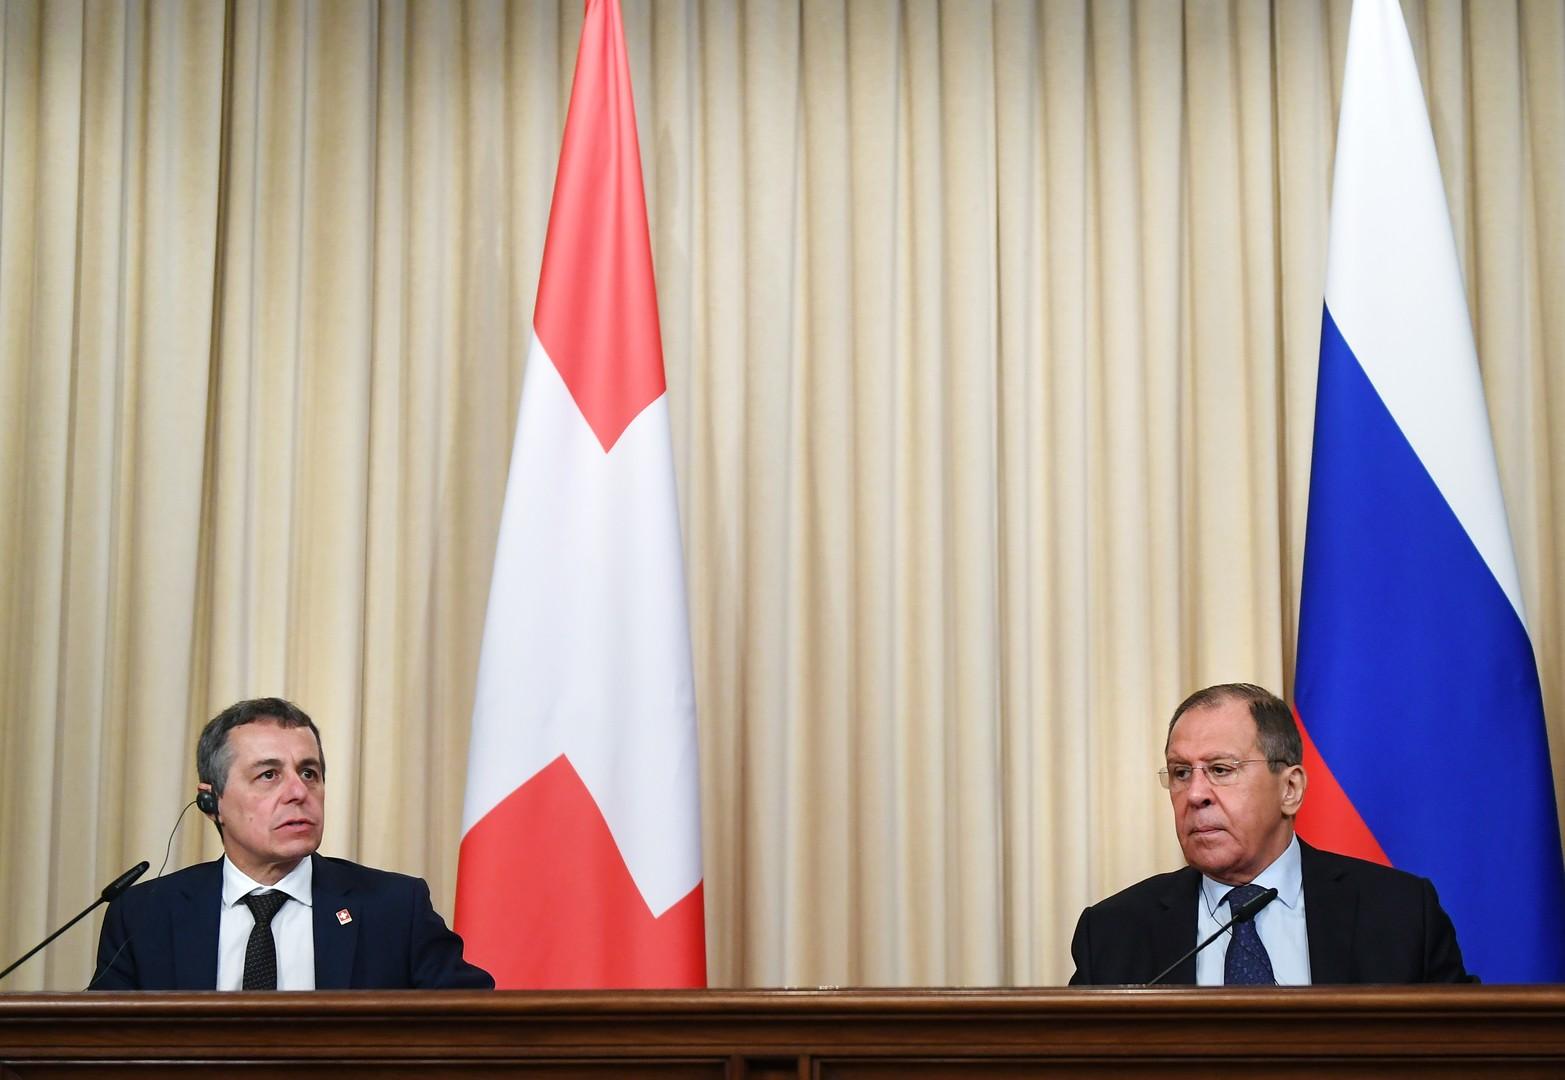 مؤتمر صحفي لوزيري الخارجية الروسي سيرغي لافروف والسويسري إينياتسيو كاسيس في موسكو، 19 يونيو 2019